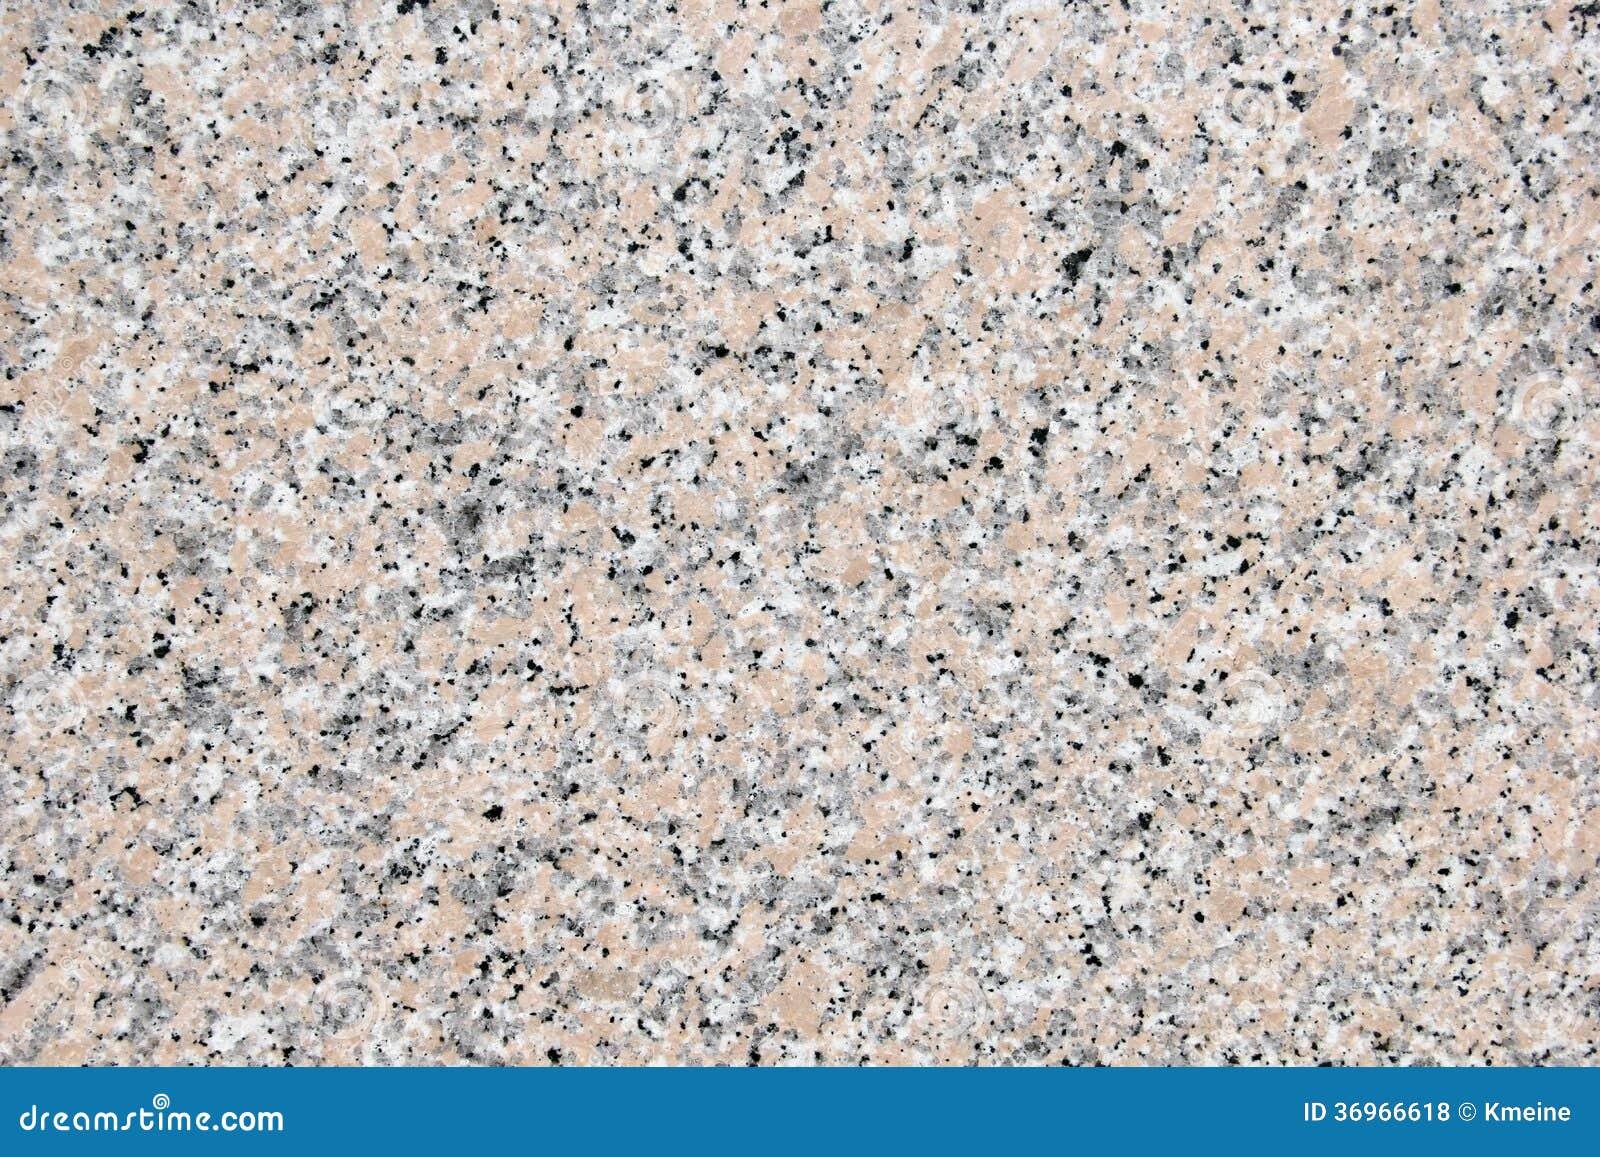 Fondo del granito moteado con beige y negro fotos de for Granito color beige